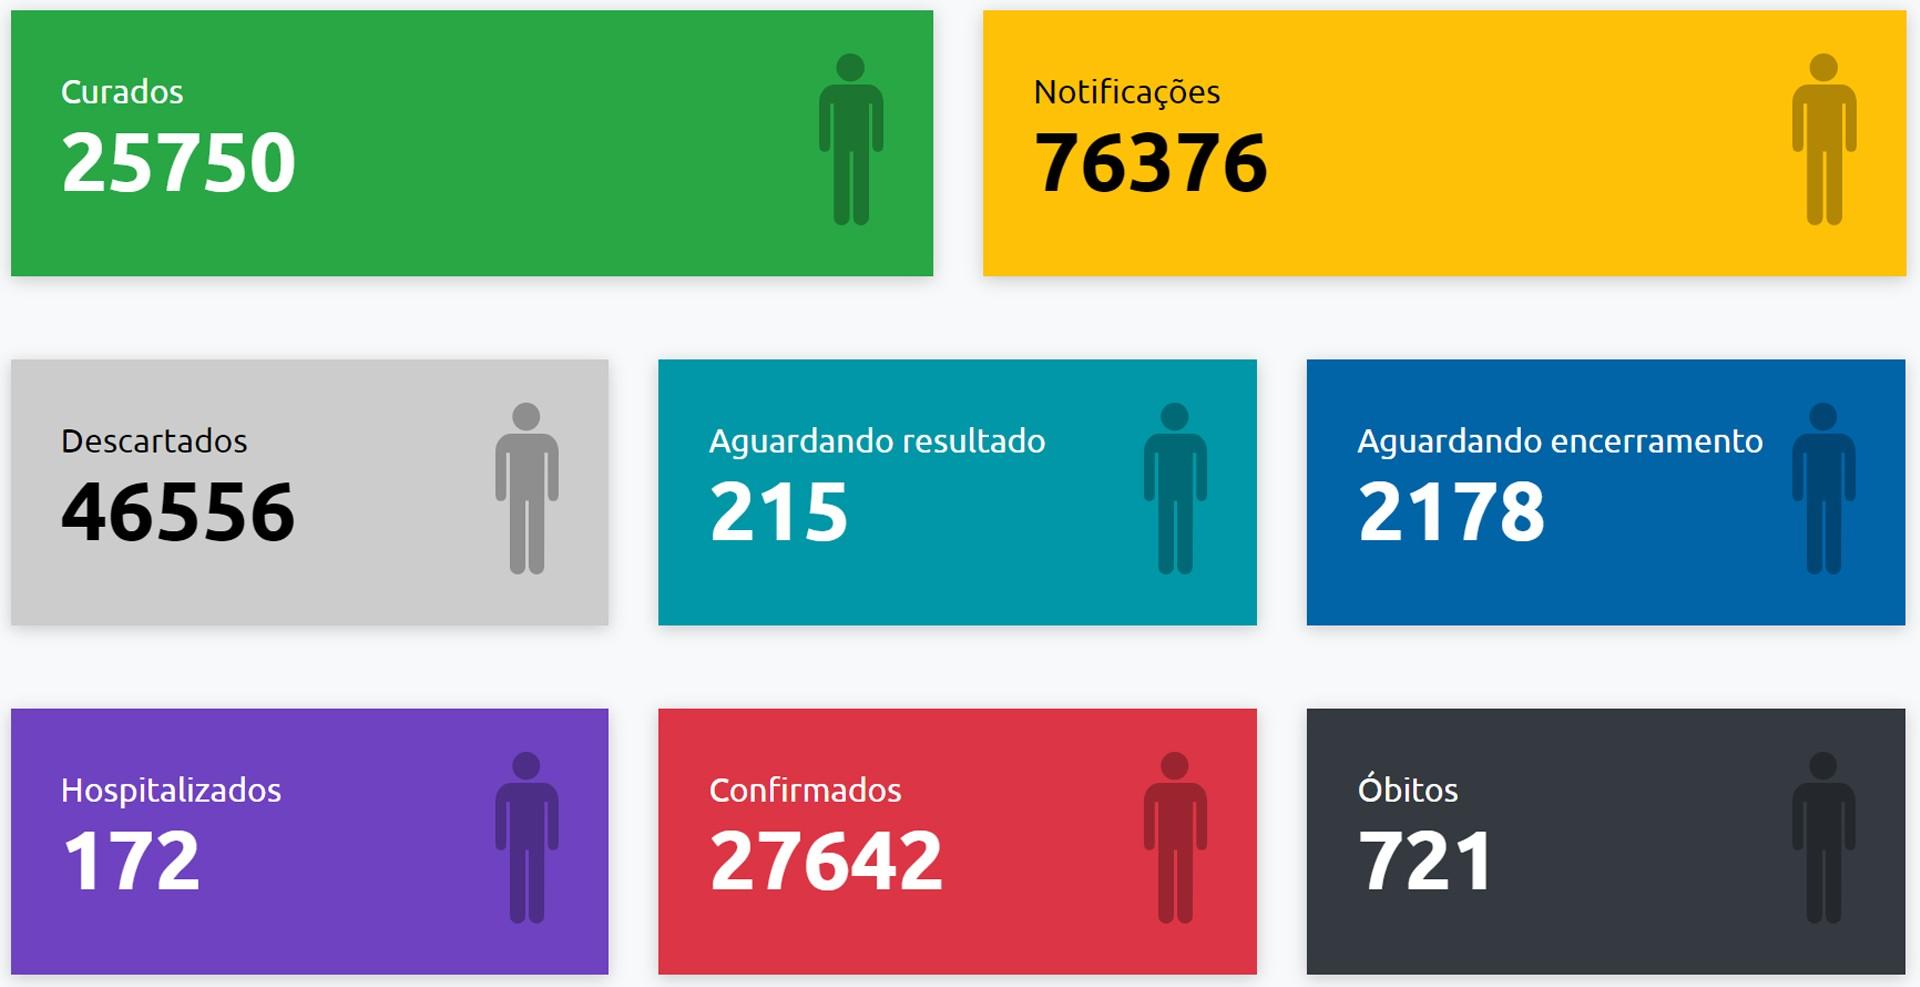 Mais dois óbitos provocados pela Covid-19 são registrados em Presidente Prudente e total de mortes chega a 721